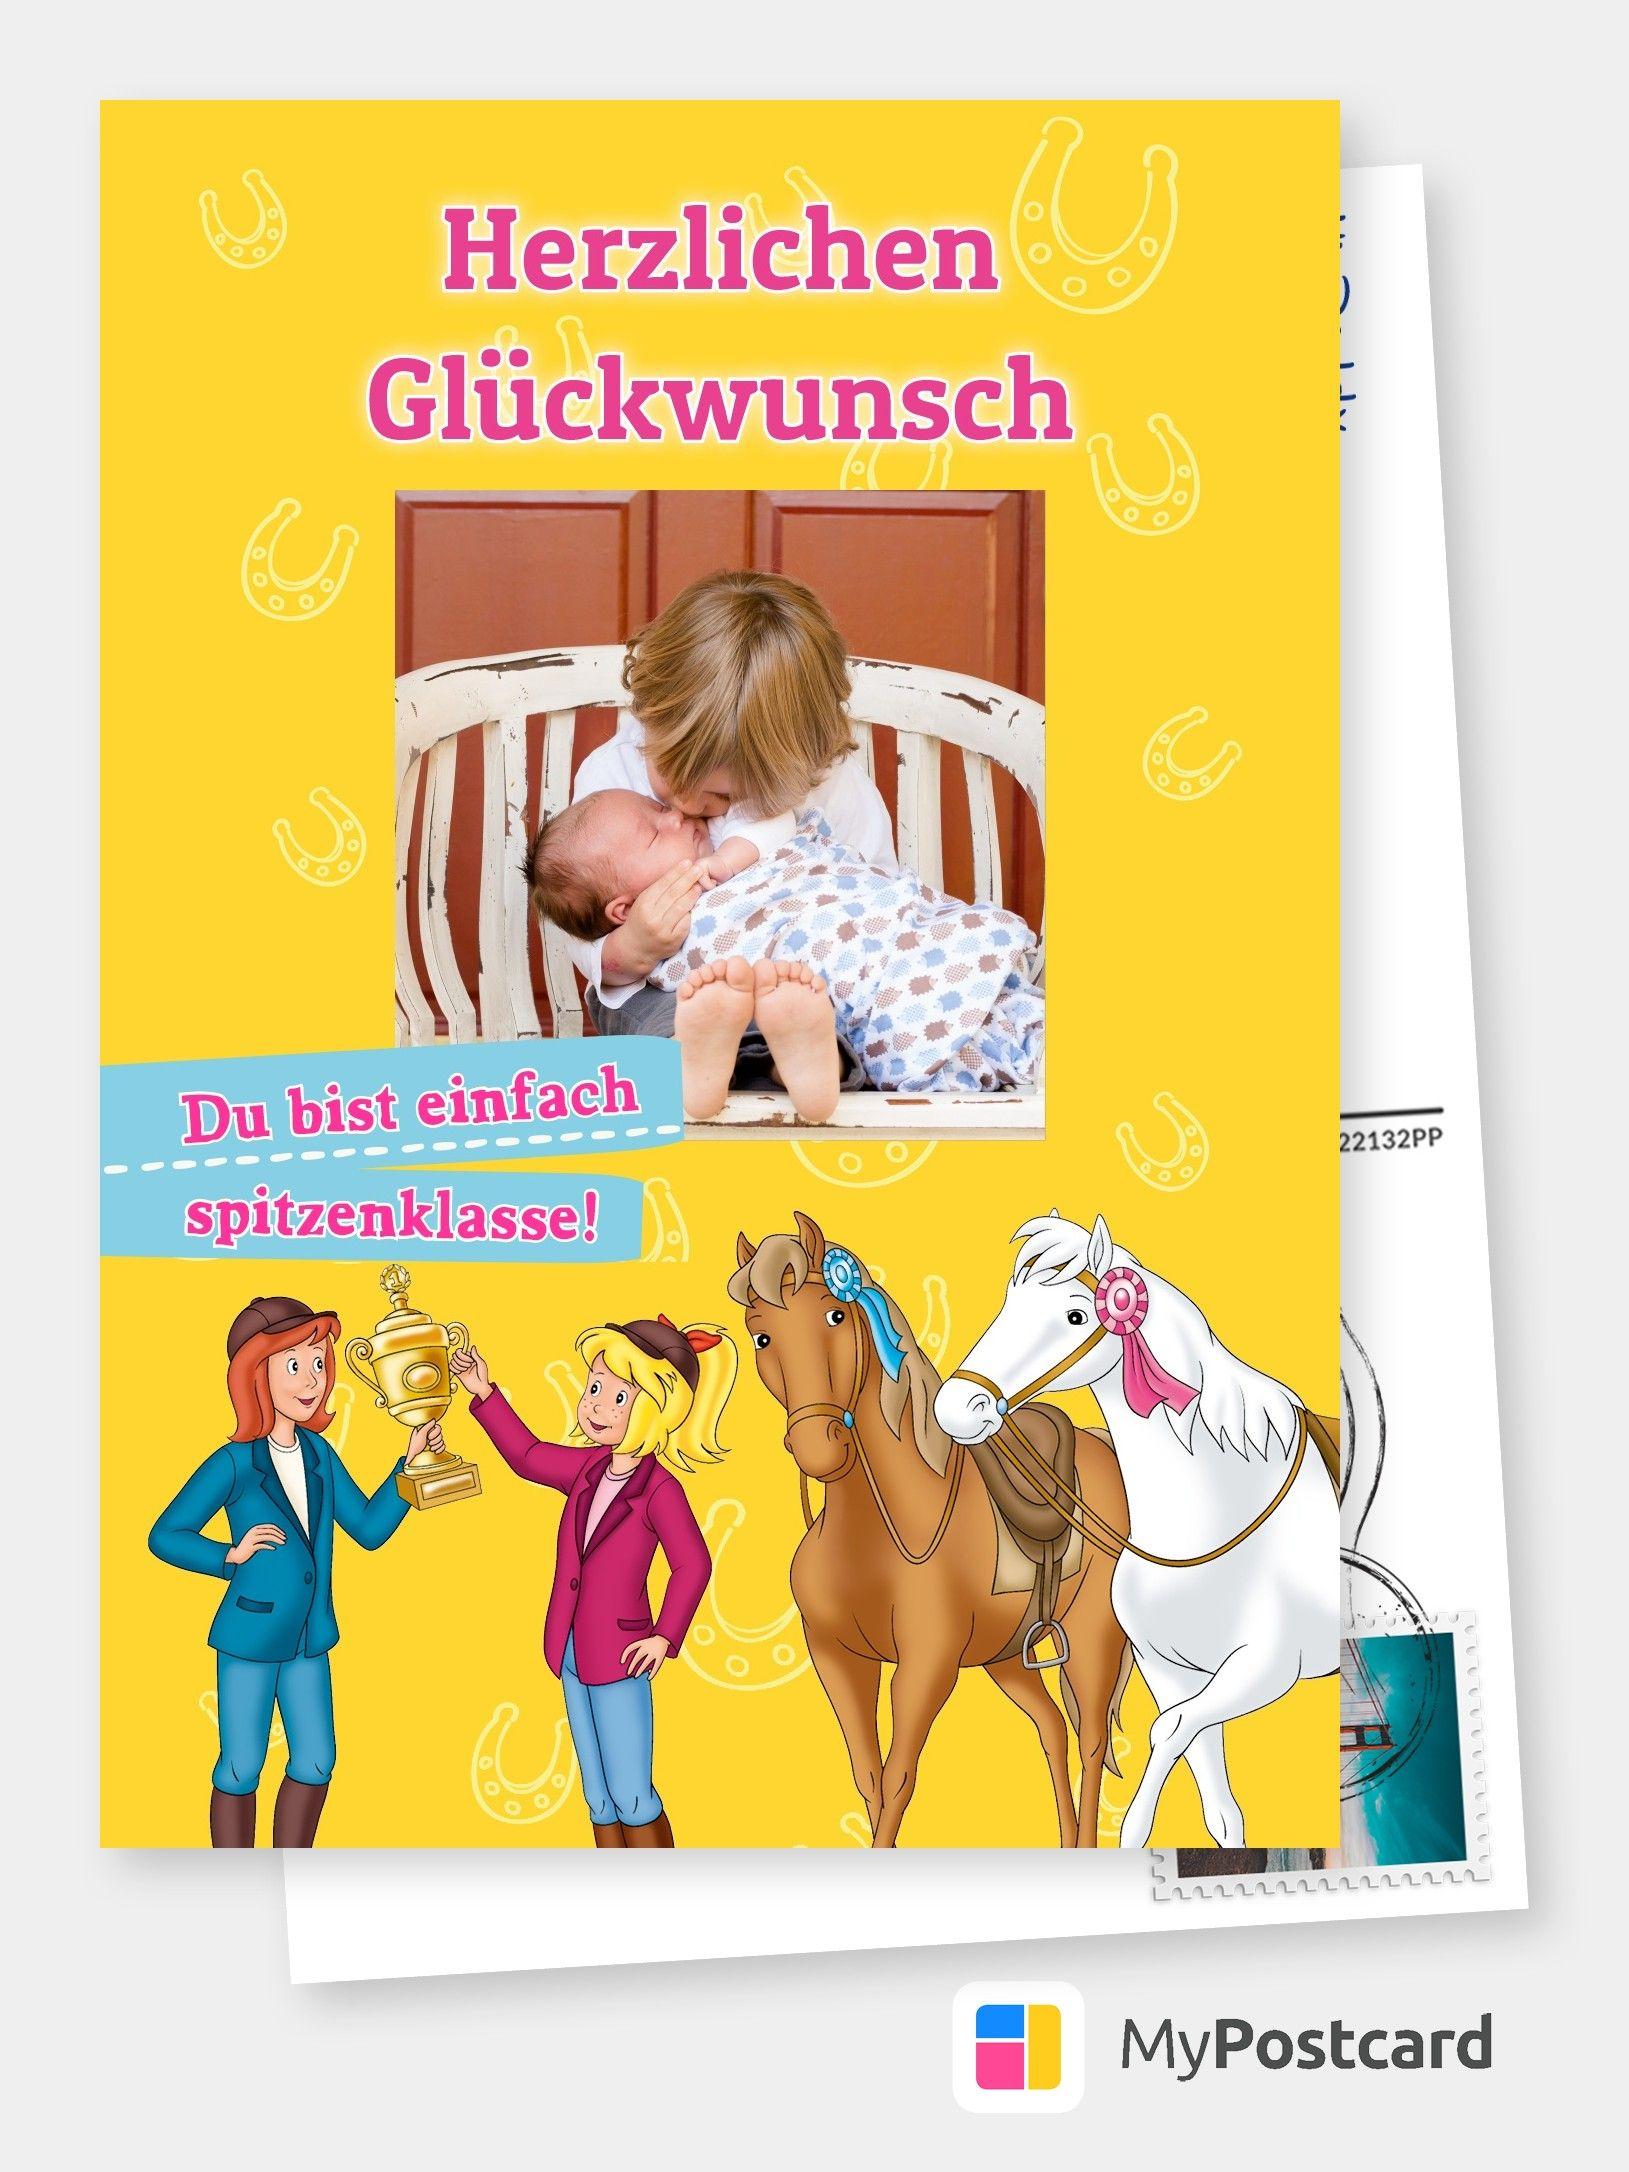 Herzlichen Gluckwunsch Film Musik Karten Echte Postkarten Online Versenden Herzlichen Gluckwunsch Postkarten Online Gluckwunsche